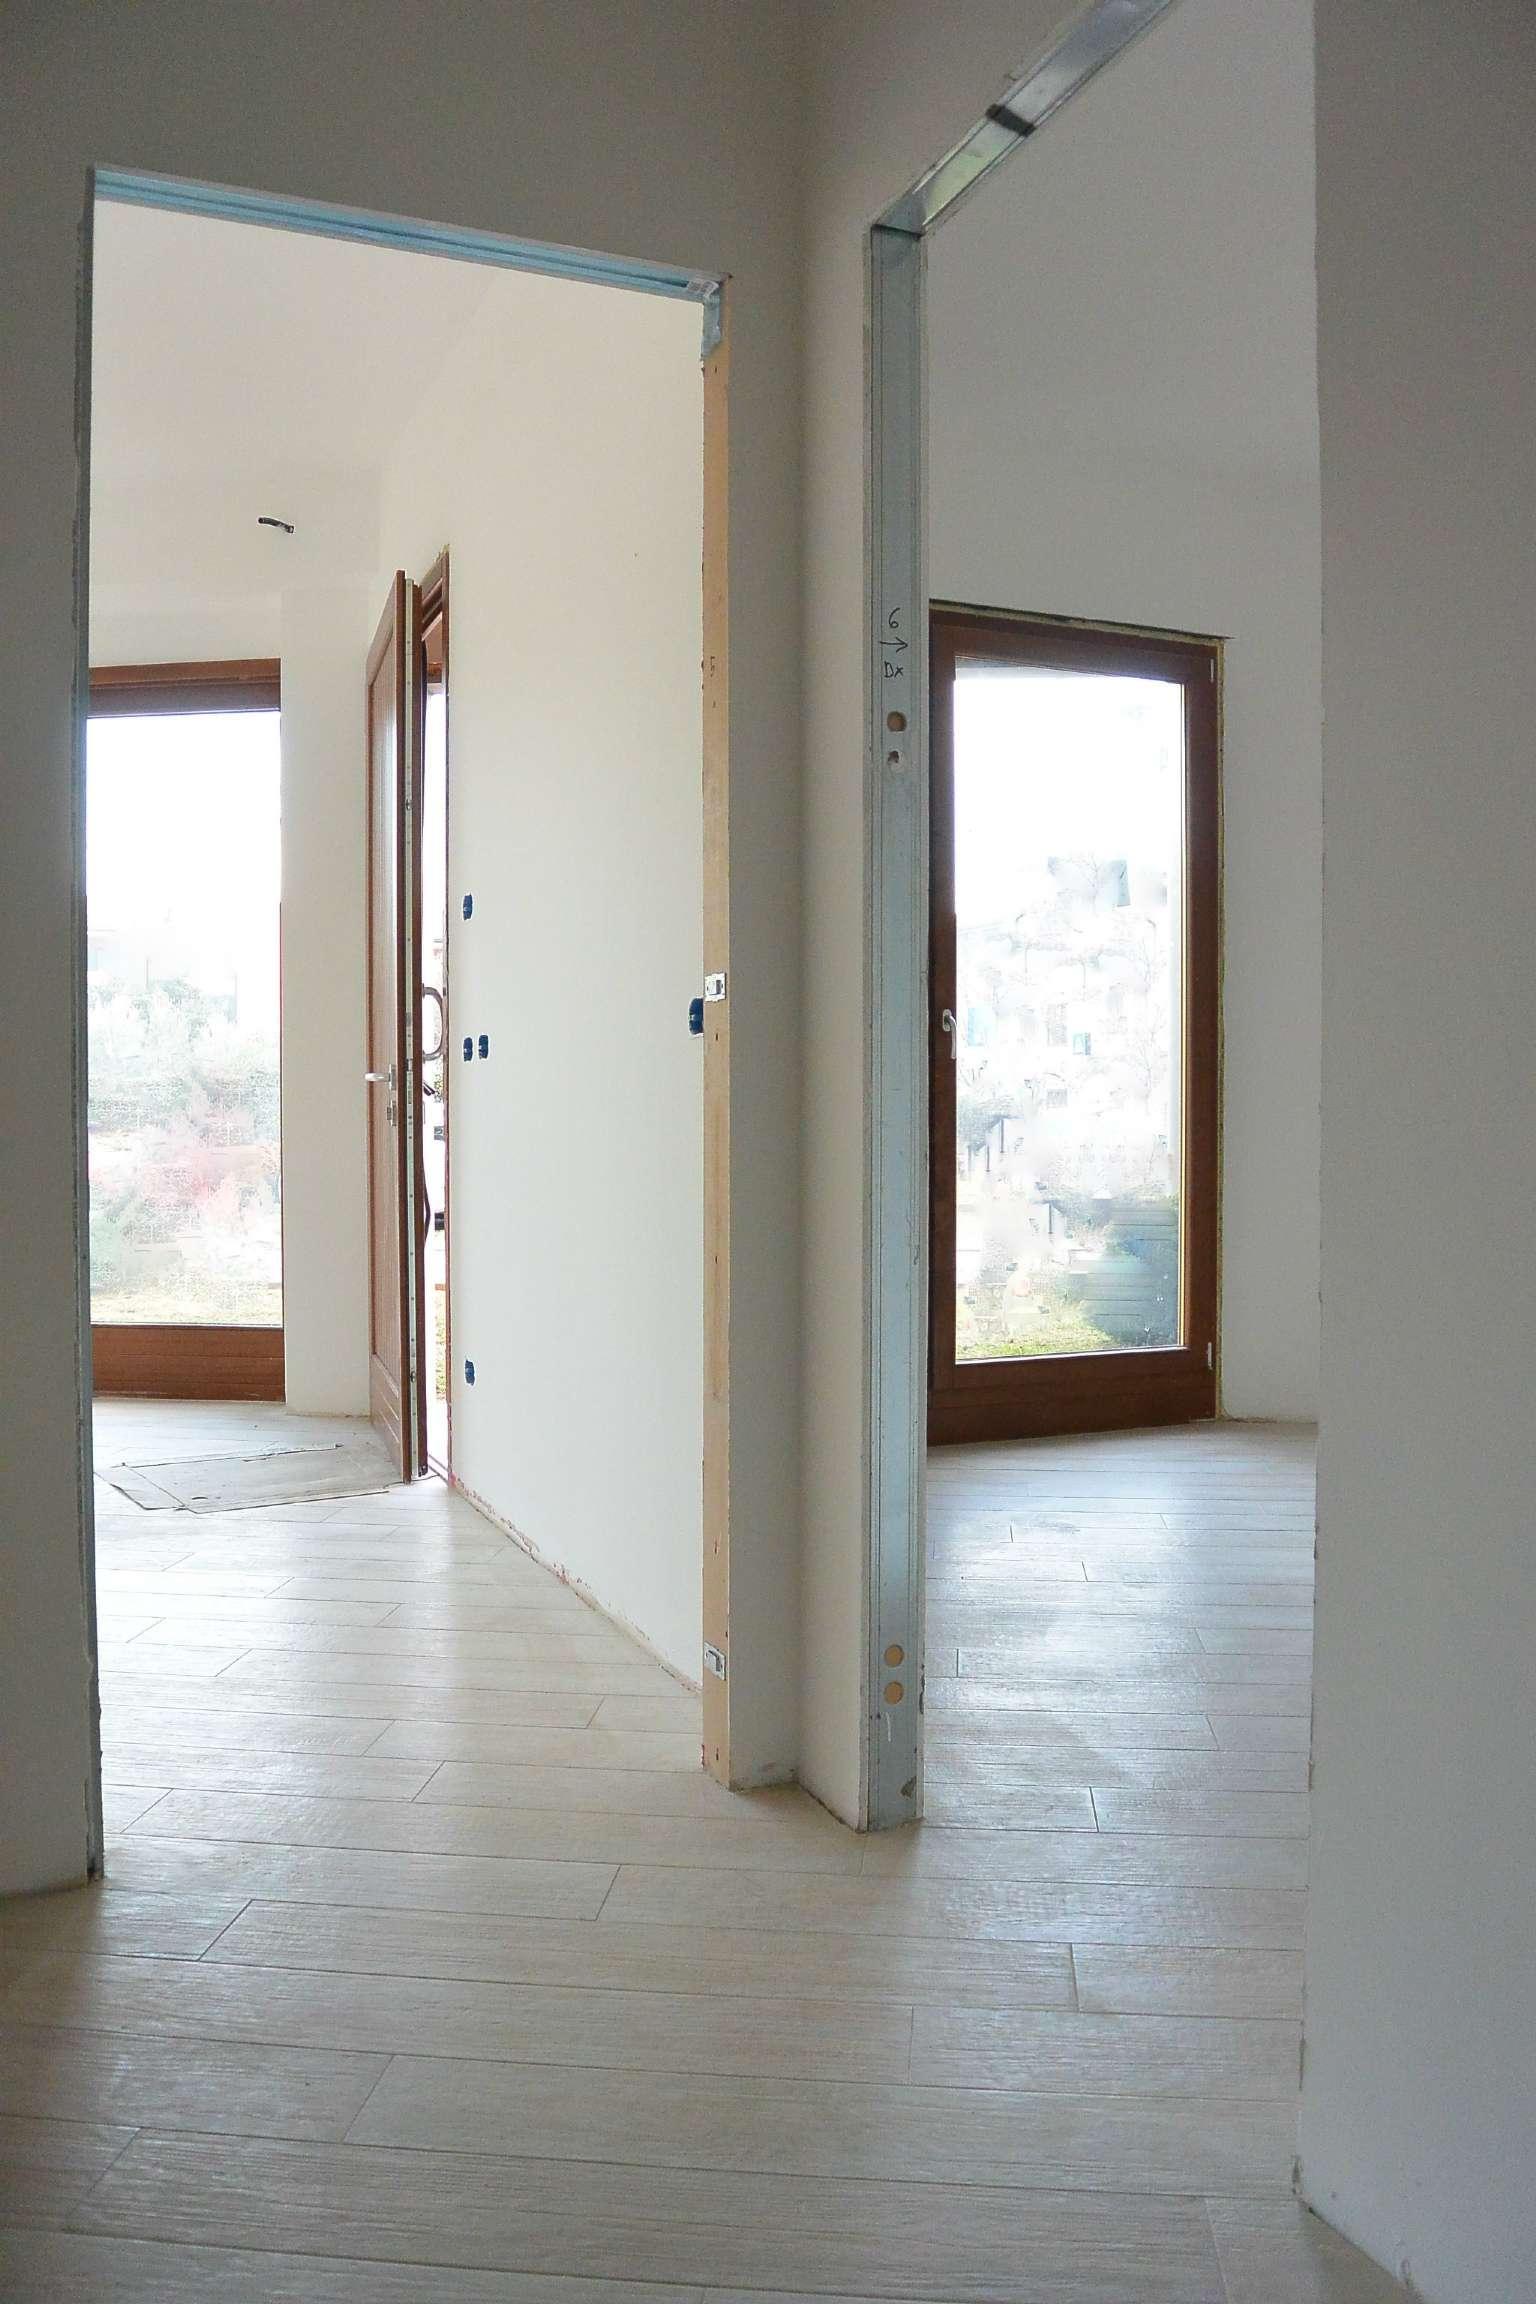 Appartamento in vendita a Premariacco, 6 locali, prezzo € 120.000 | CambioCasa.it